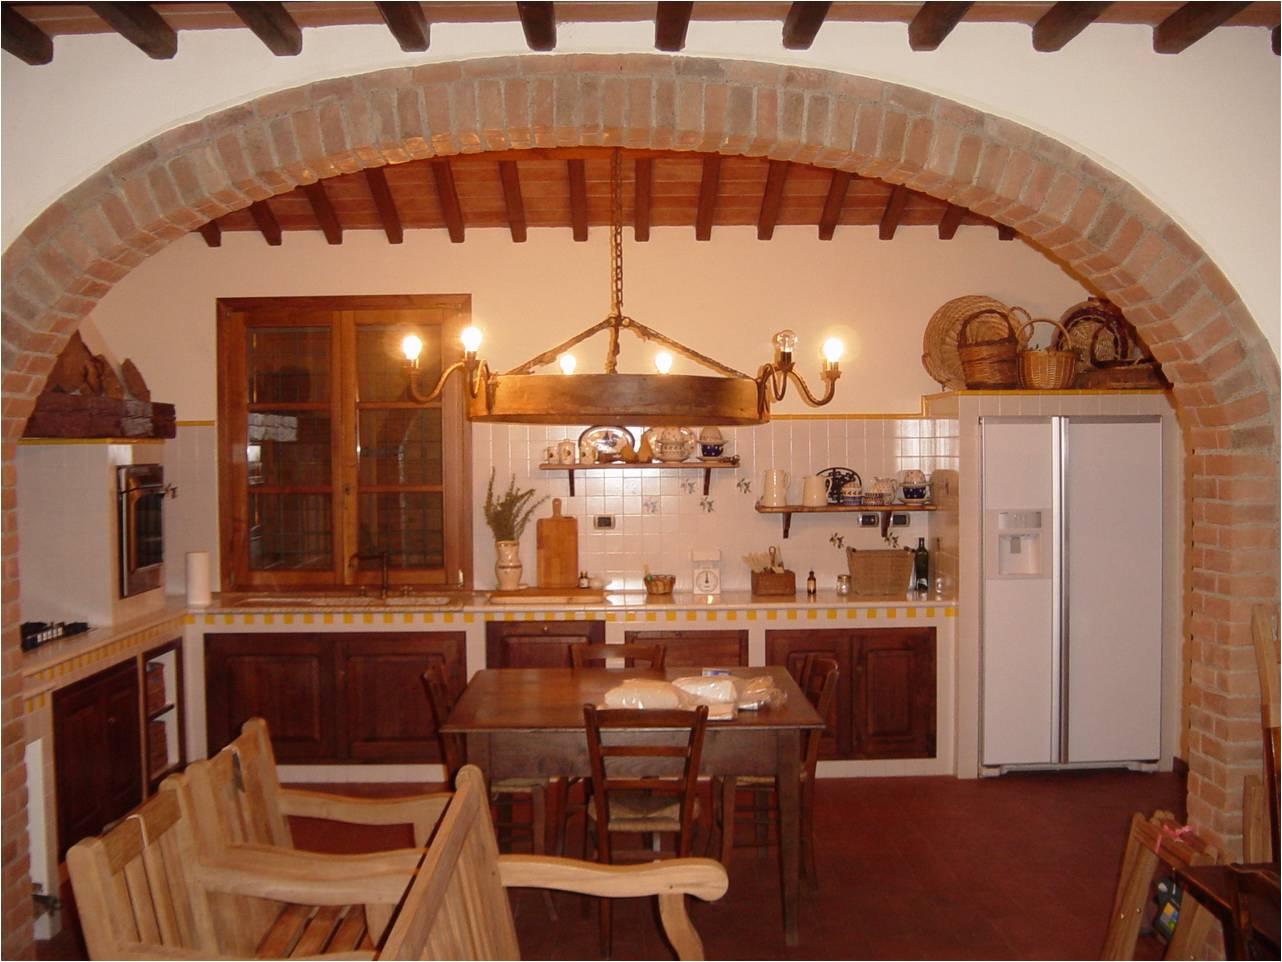 Edilizia pavimenti e rivestimenti - Rivestimenti cucina in muratura ...